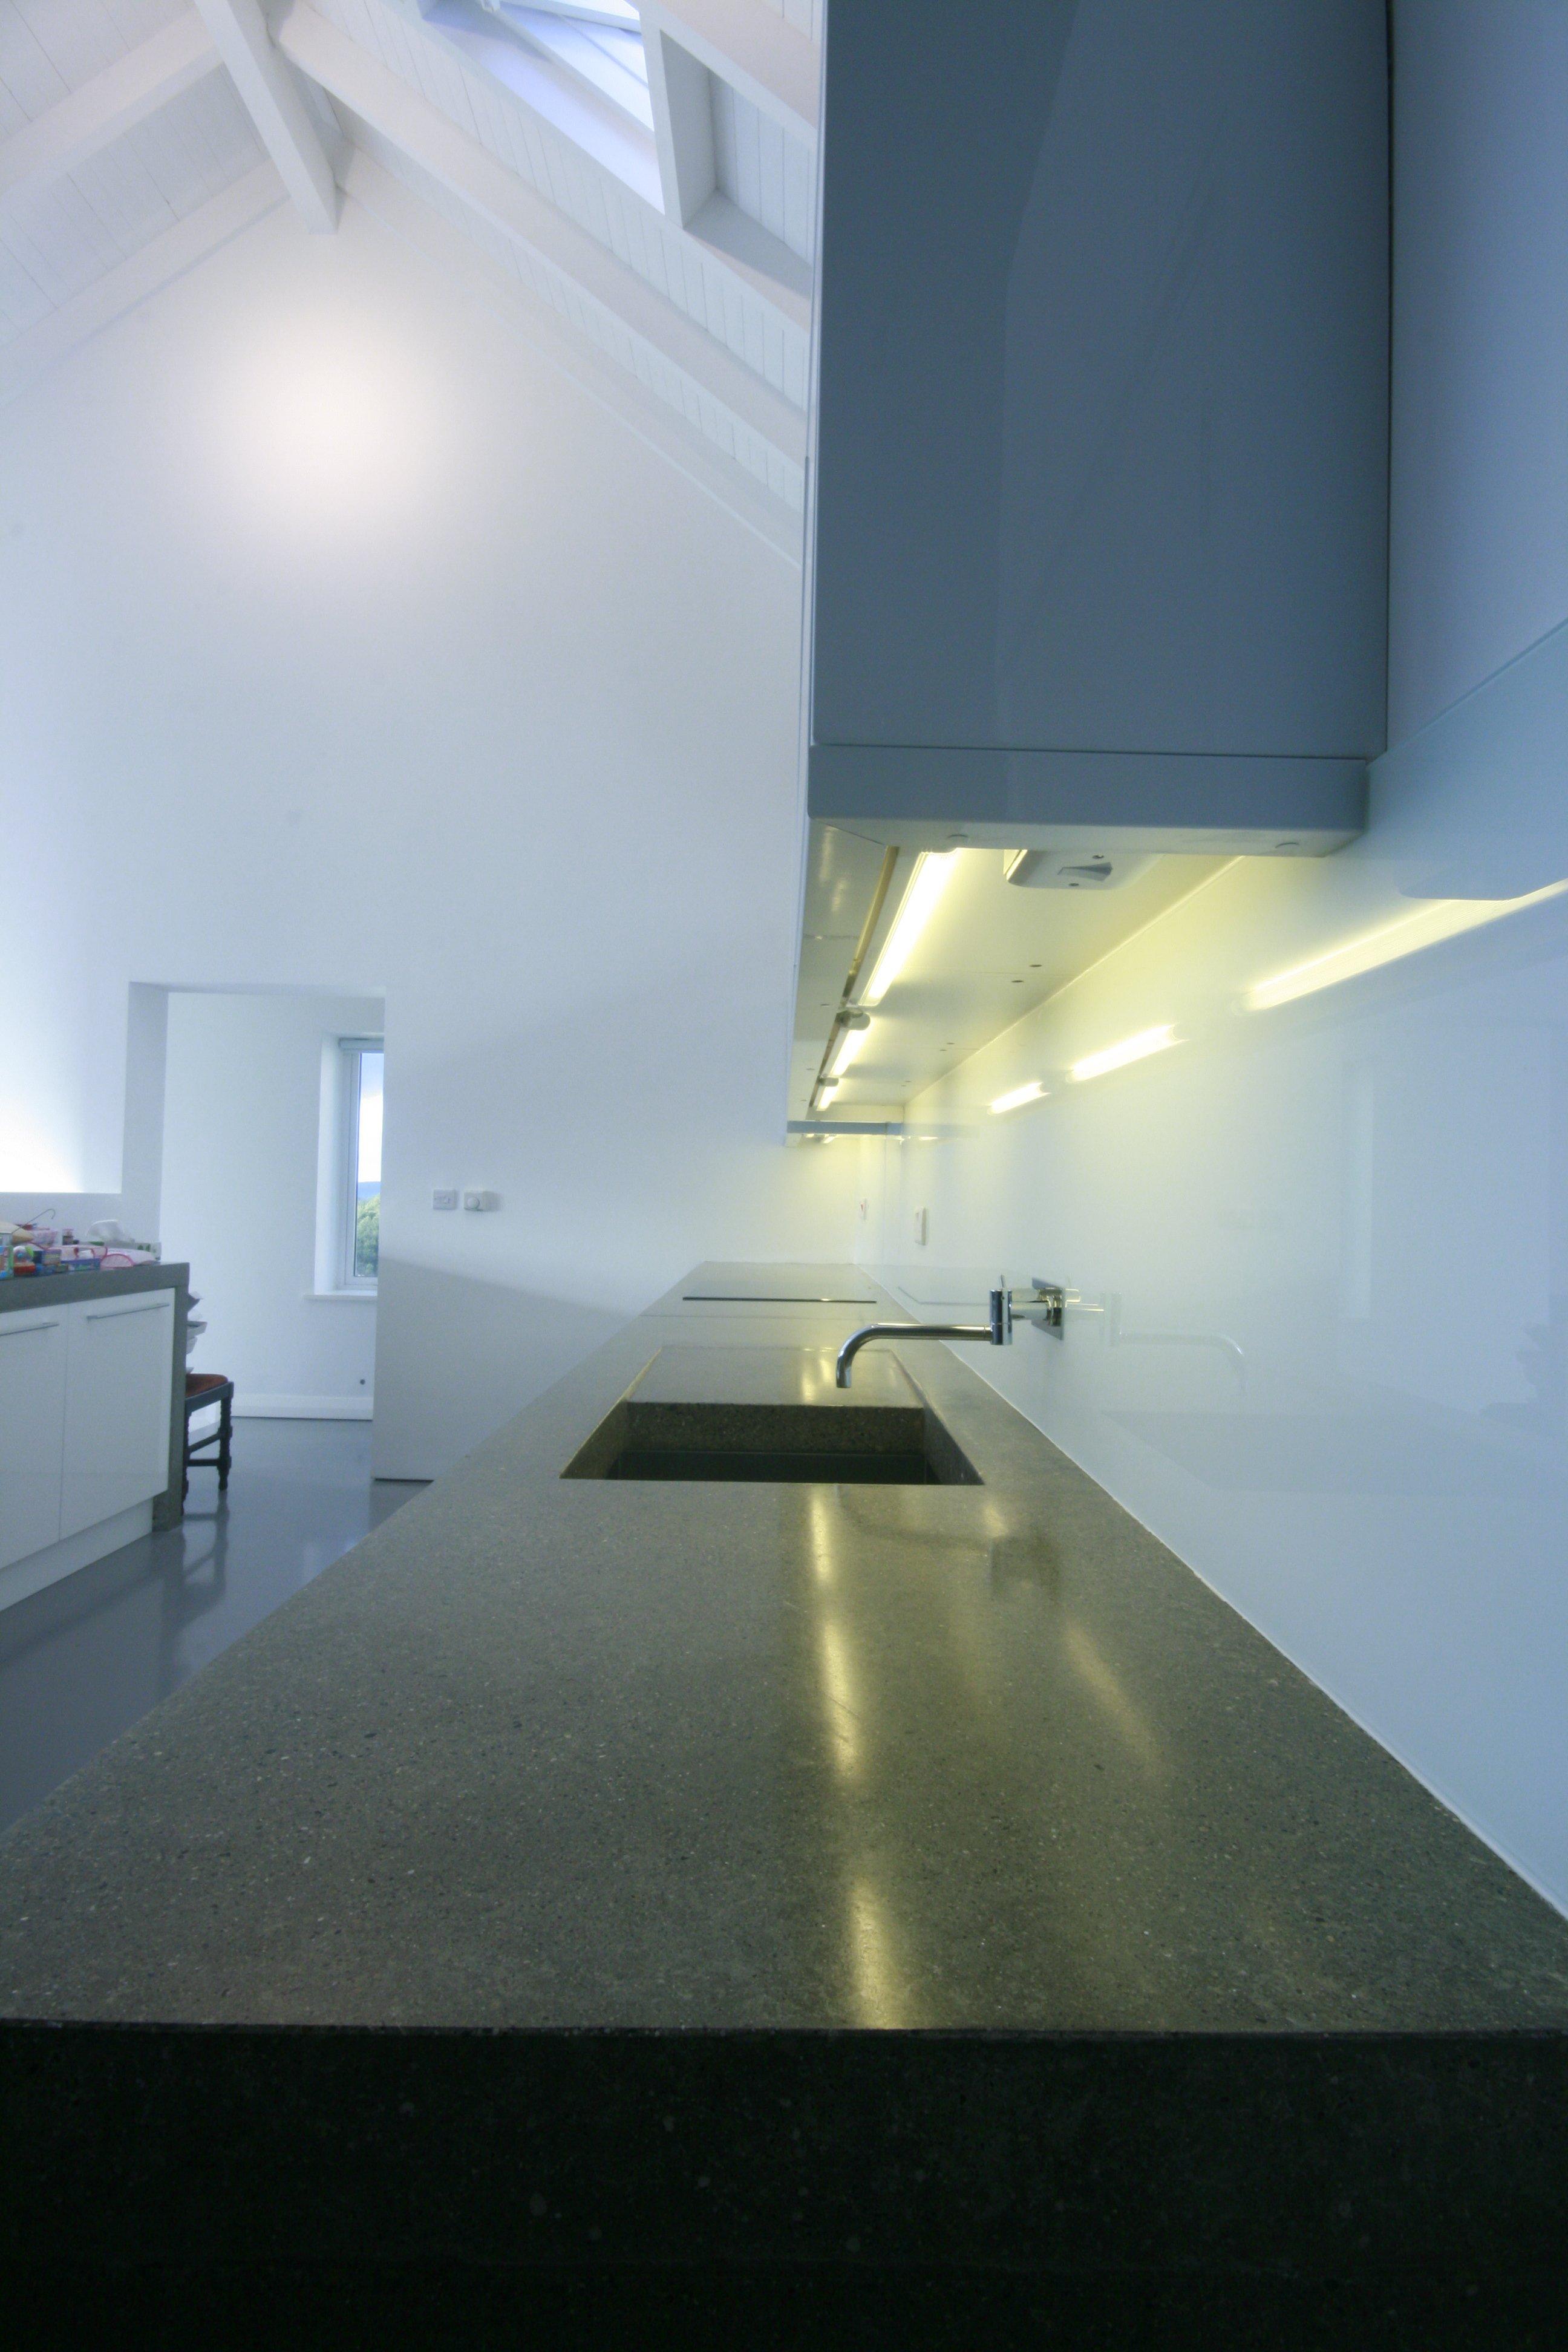 A1-Concrete Concepts.ie - Polished Concrete Experts